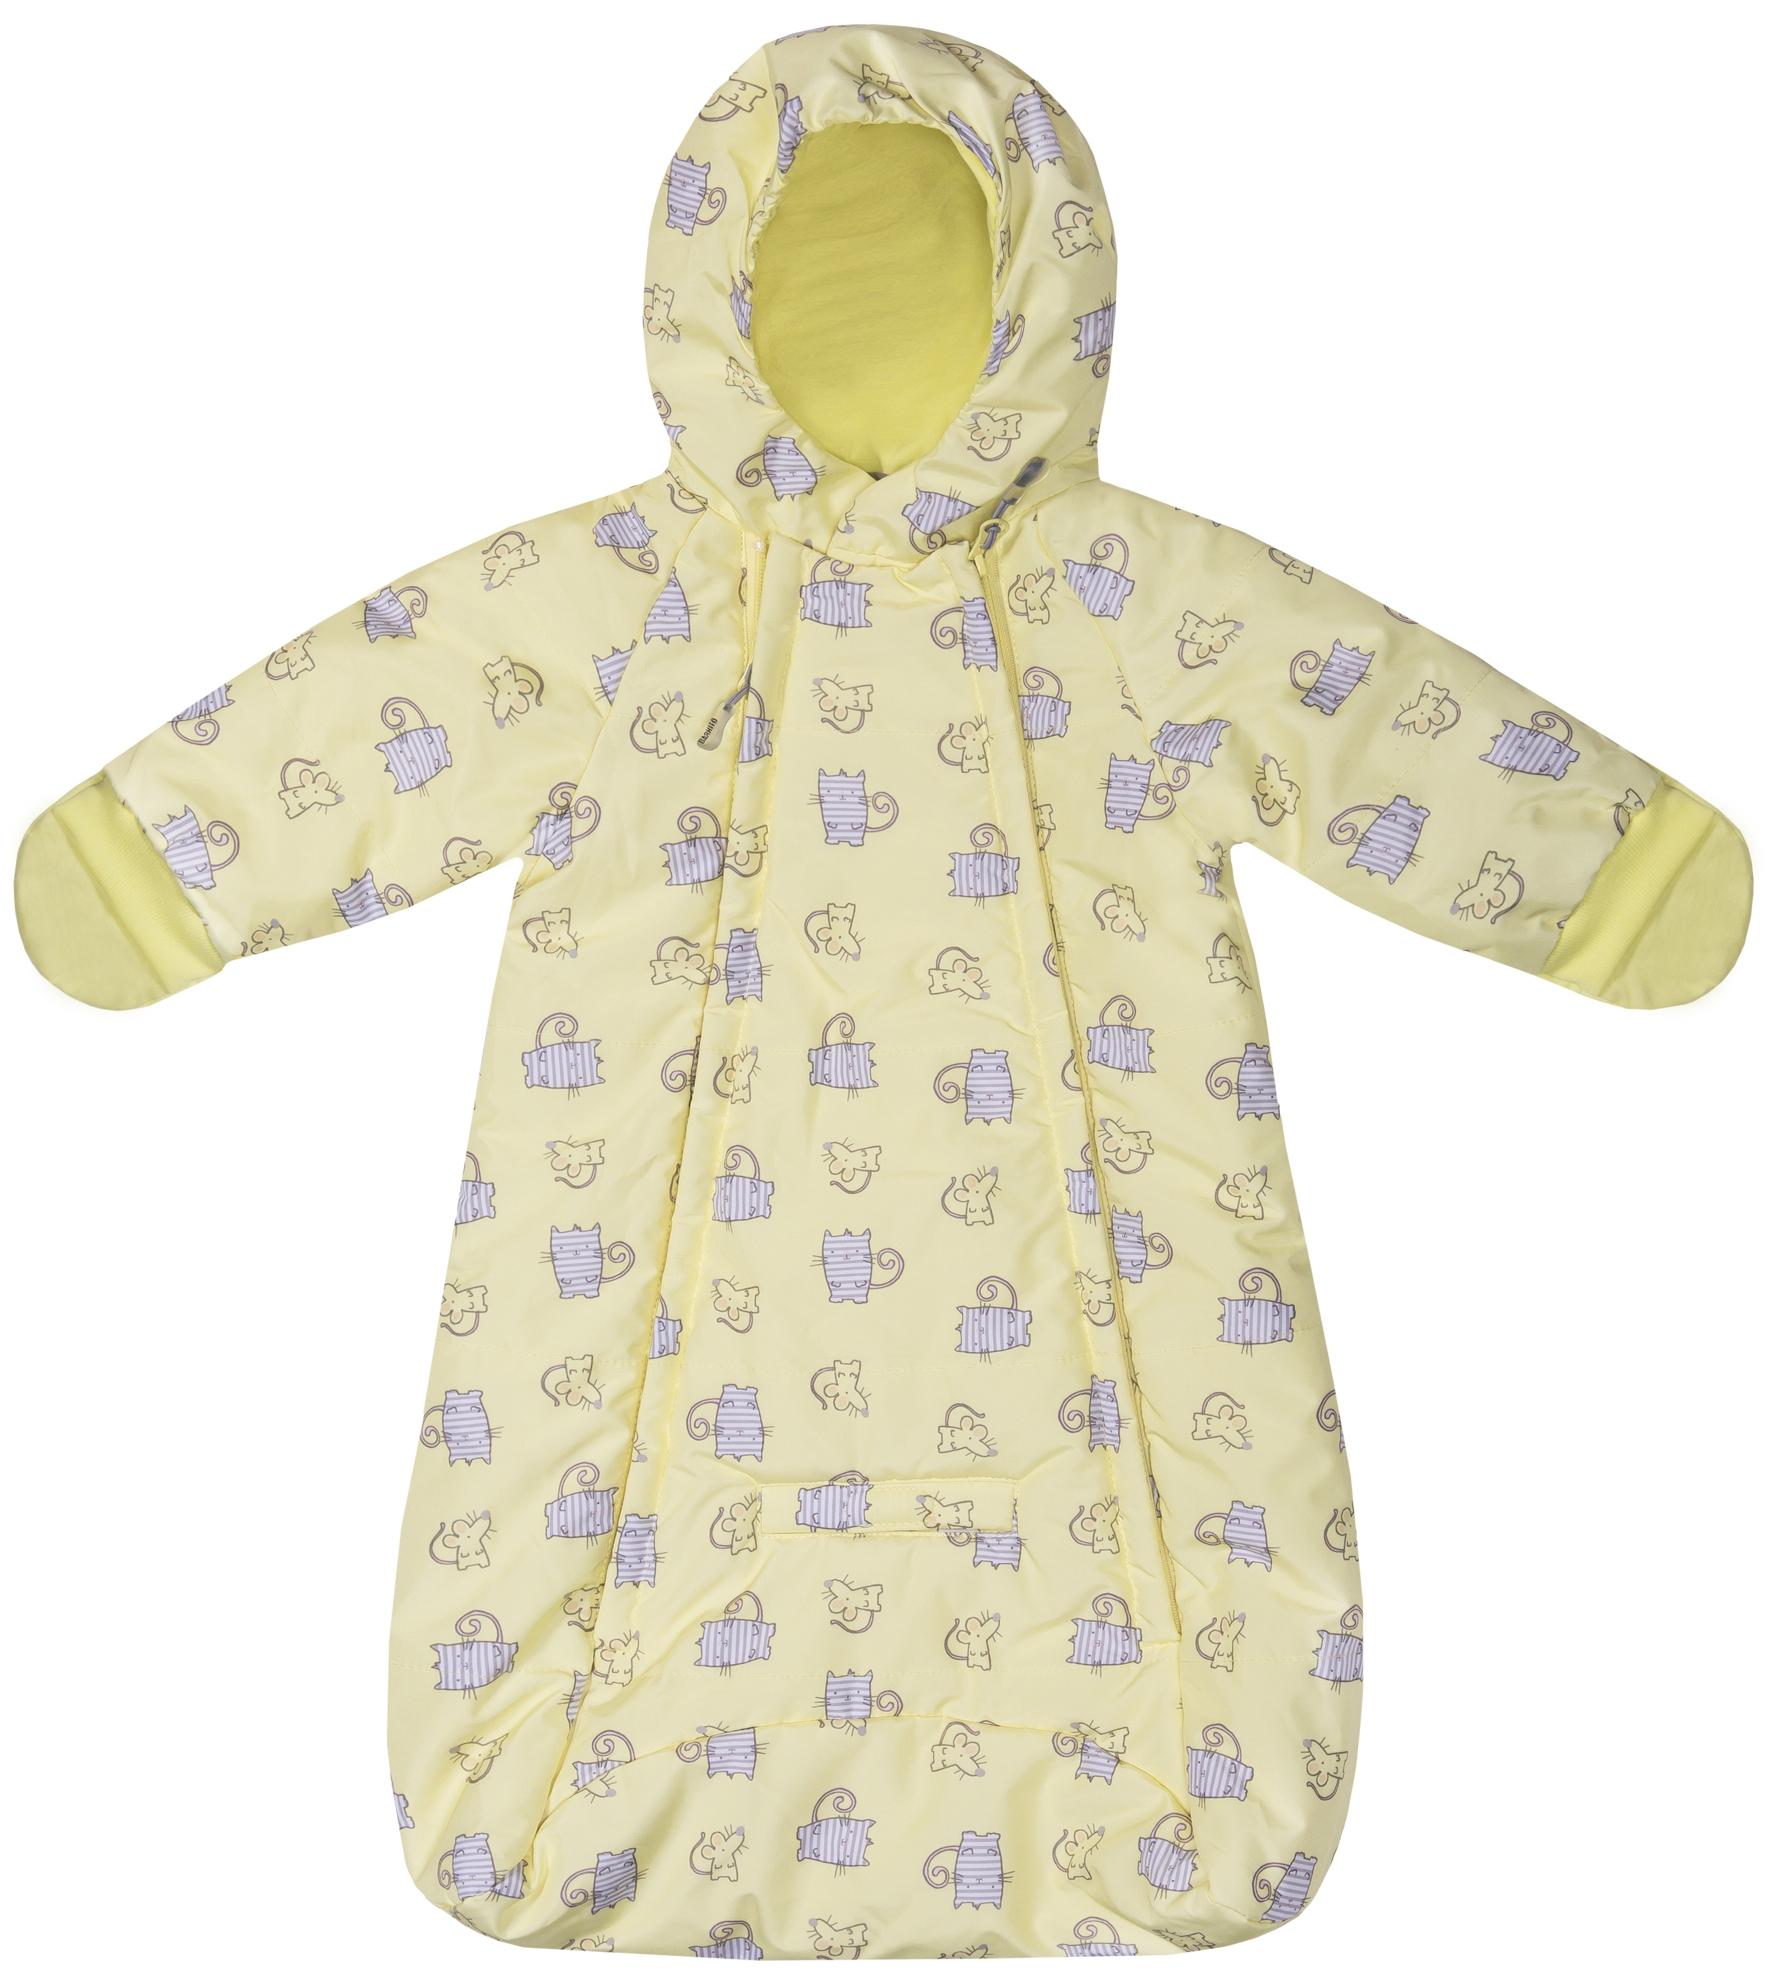 Конверты и спальные мешки Barkito Конверт Barkito, желтый с рисунком спальные мешки для малышей bebe lazzi конверт